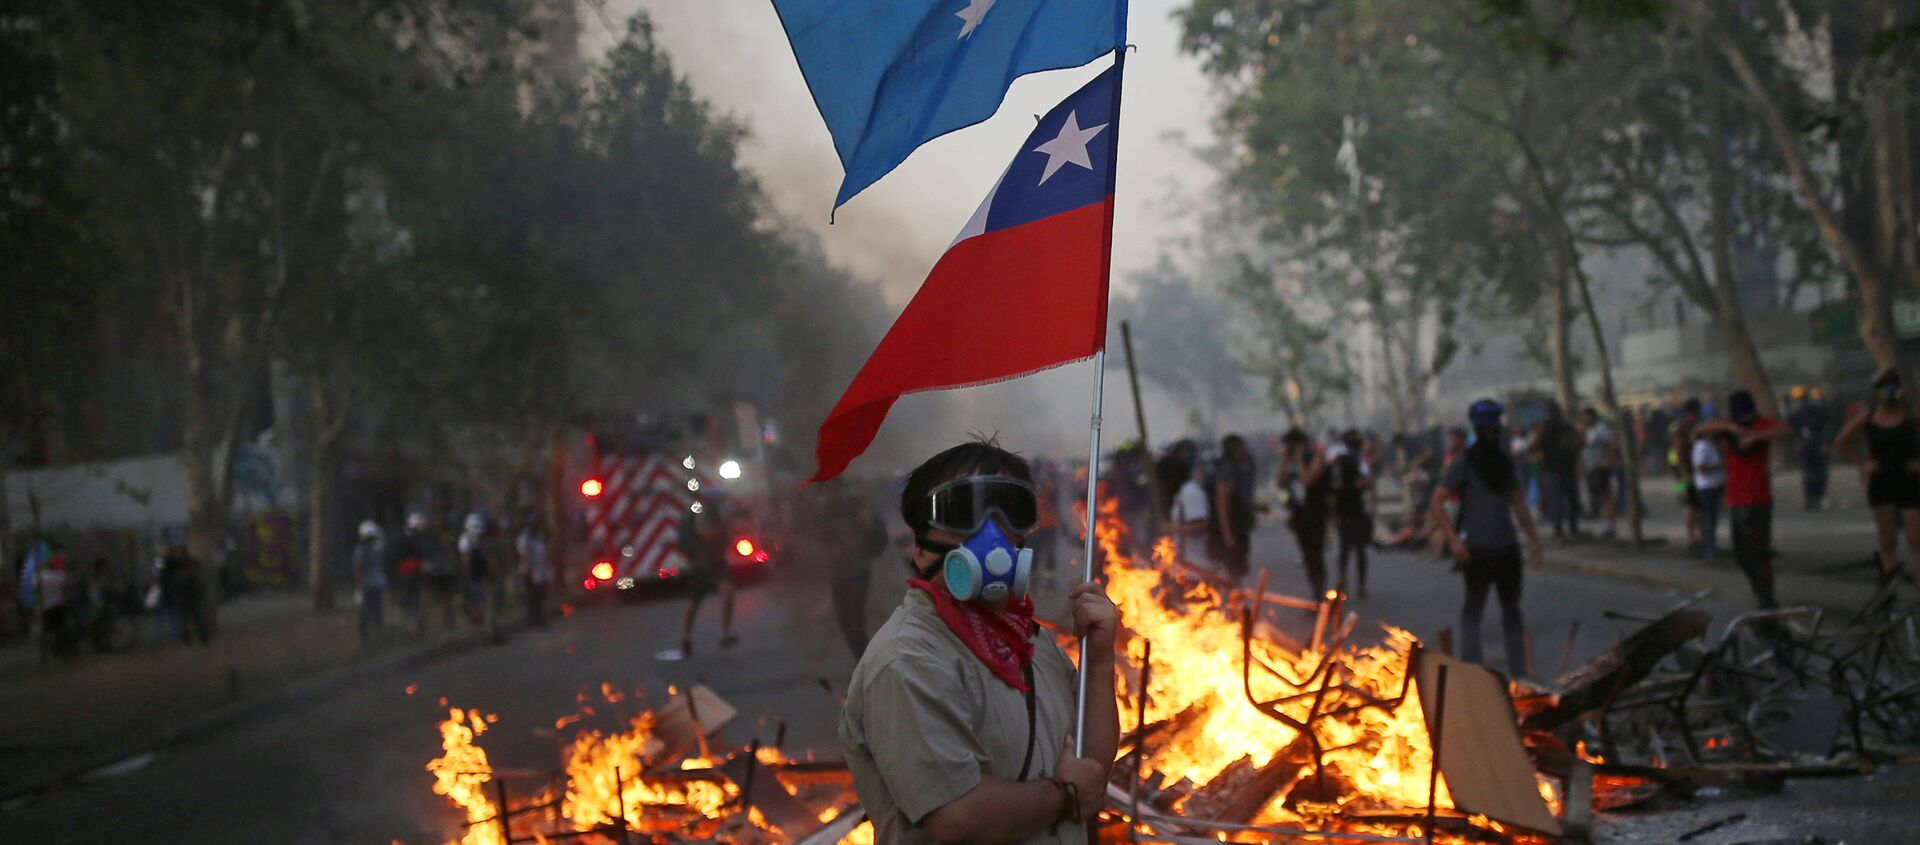 Manifestante con bandera de Chile y bandera mapuche en una barricada - Sputnik Mundo, 1920, 08.02.2020